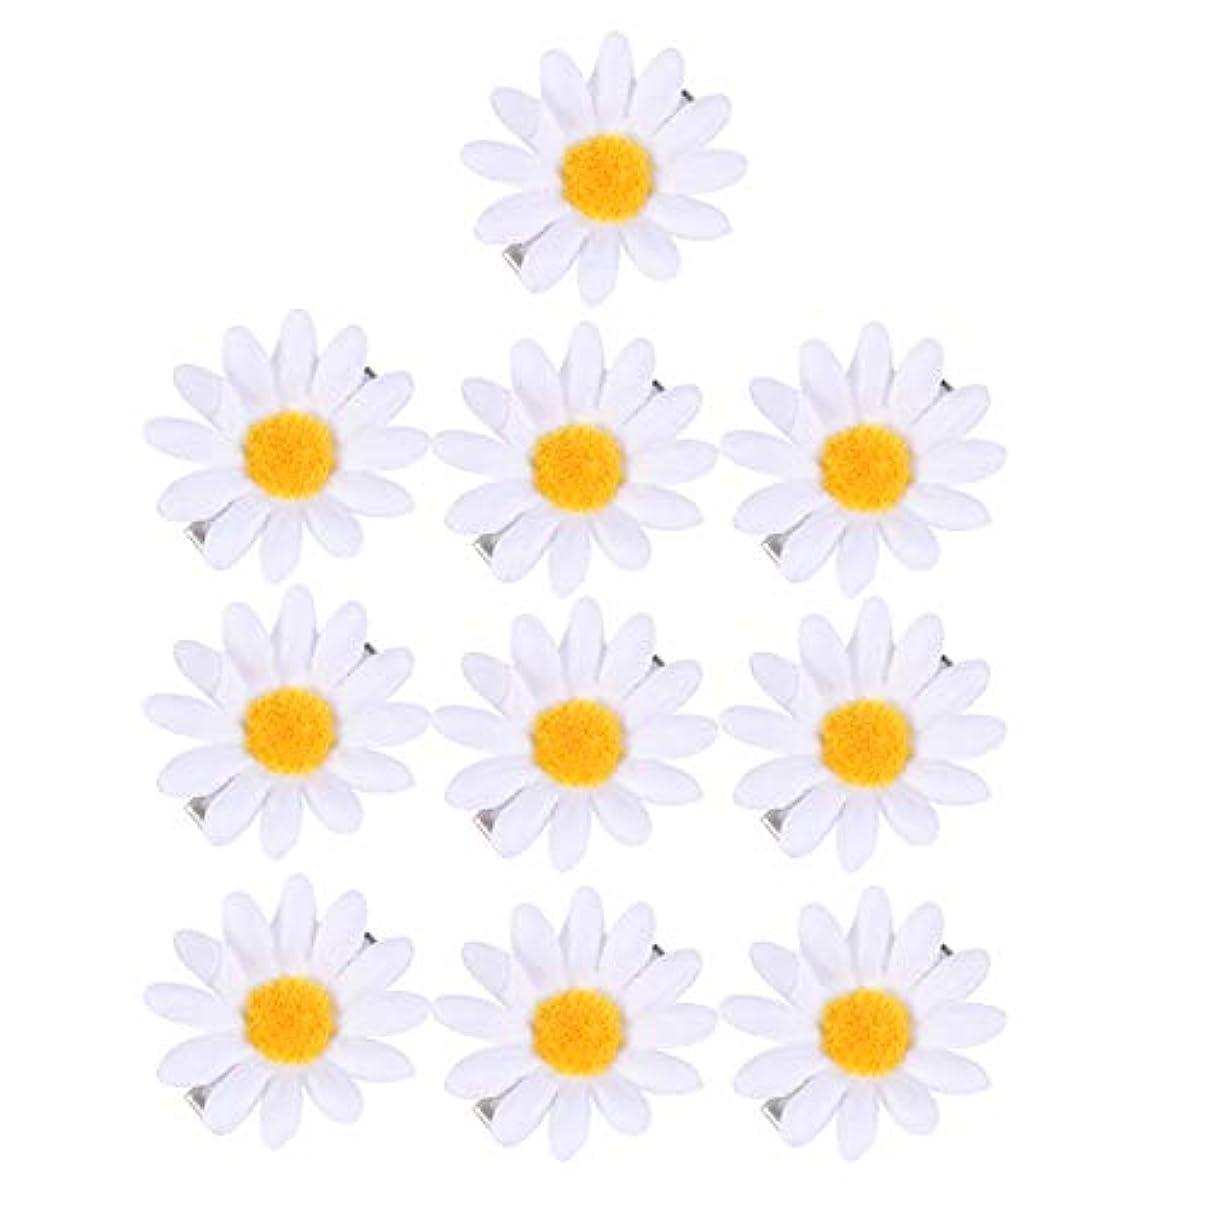 葬儀プログラム虚栄心Beaupretty 20ピースかわいいデイジーヘアクリップひまわり新鮮な髪のバレッタヘアピン女の子のための(ホワイト)